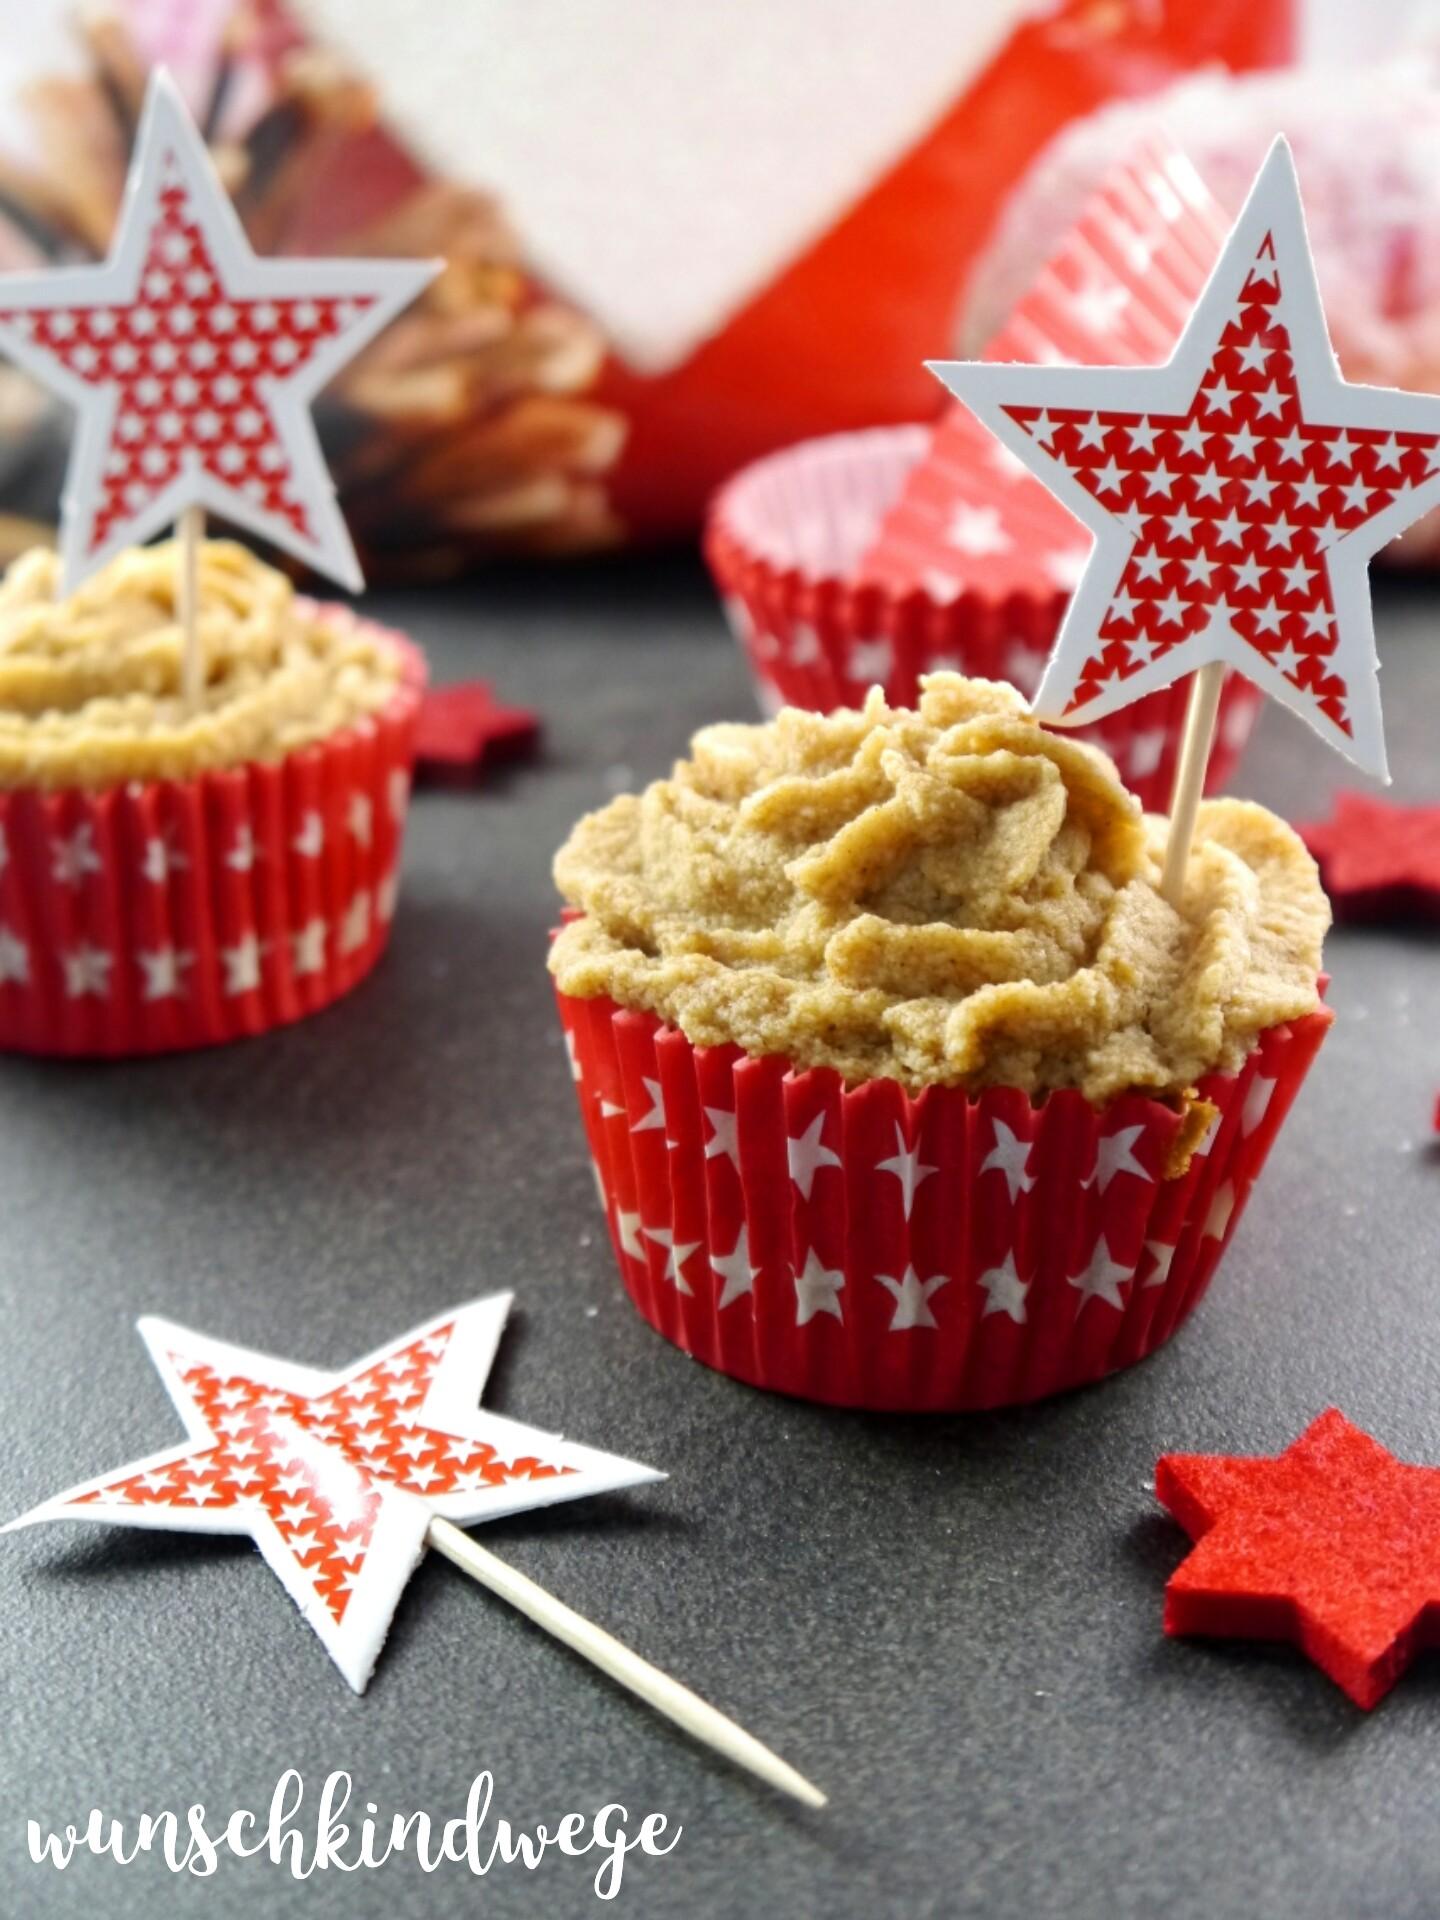 Bratapfel Cupcakes mit Spekulatiussahne, rote Sterne mit kleinen weissen Sternen, Cupcakehülle, Deko